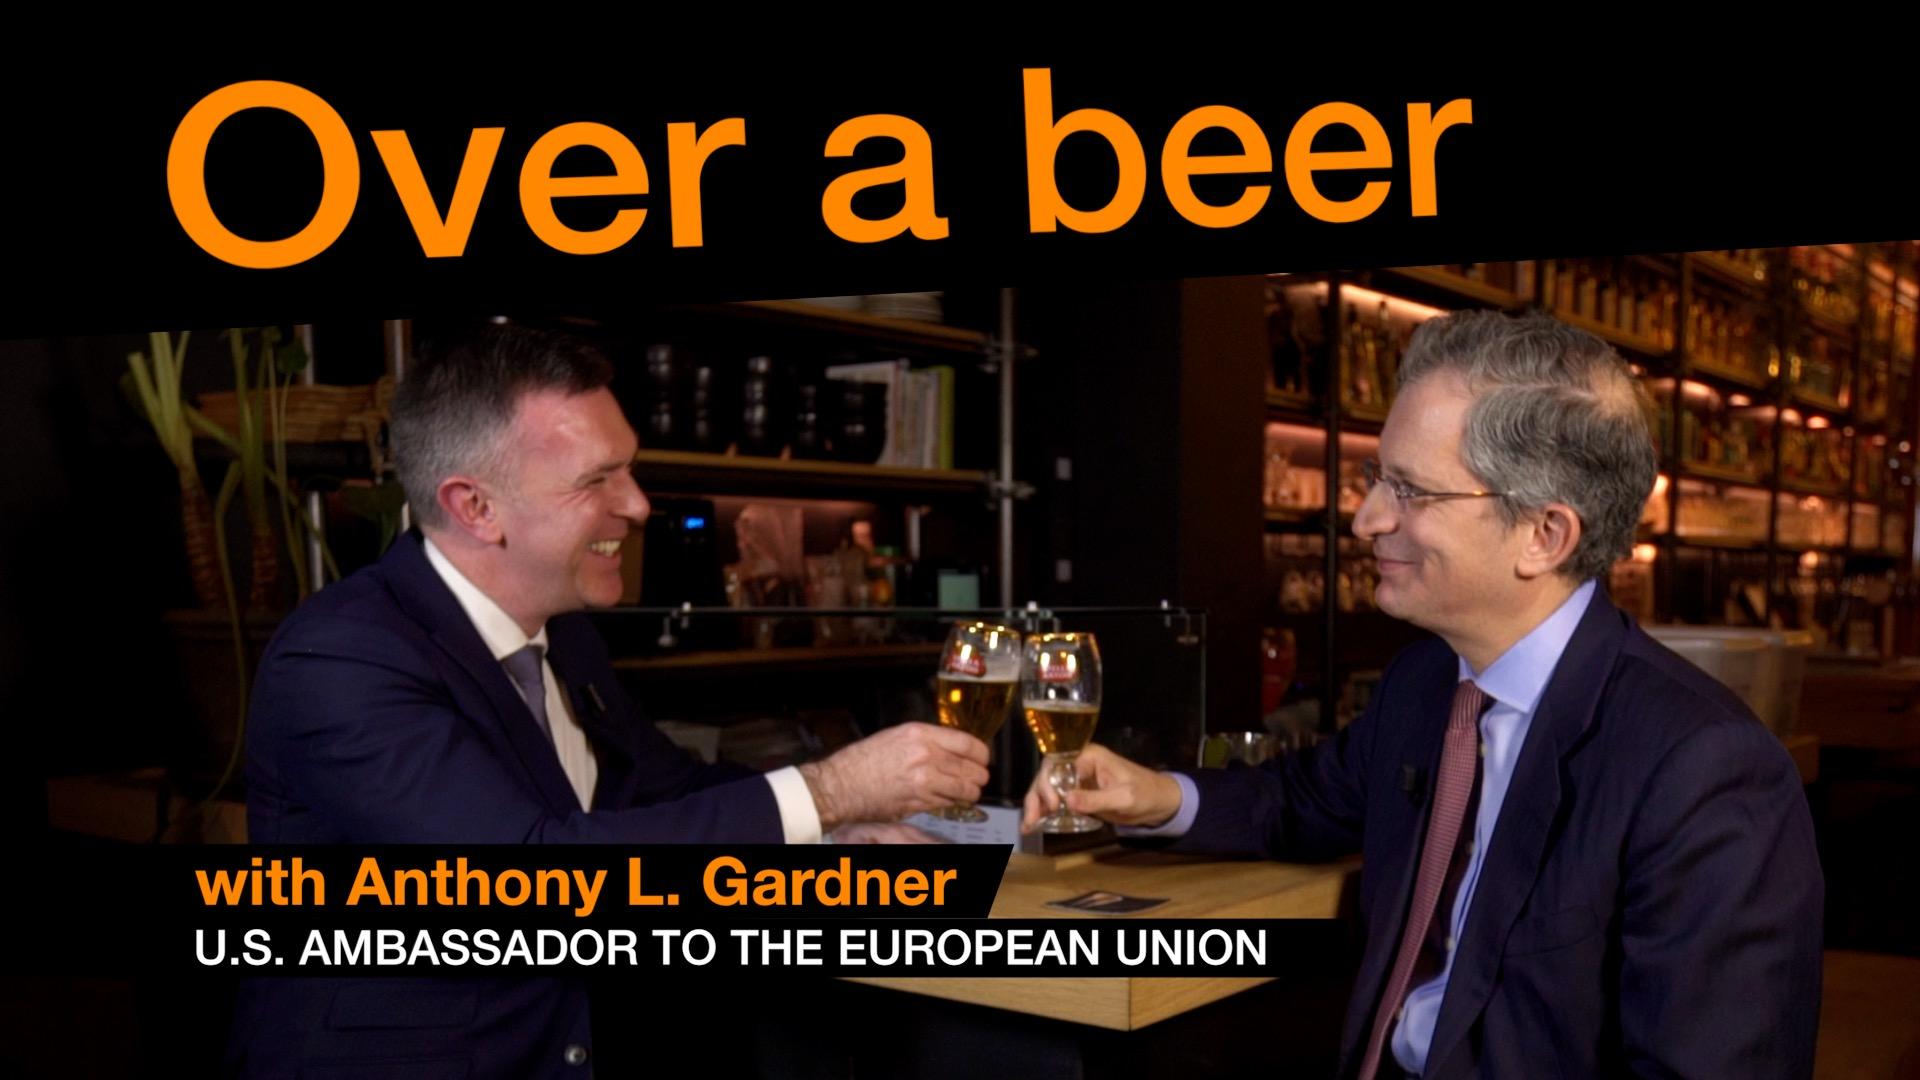 Anthony Gardner Over a beer